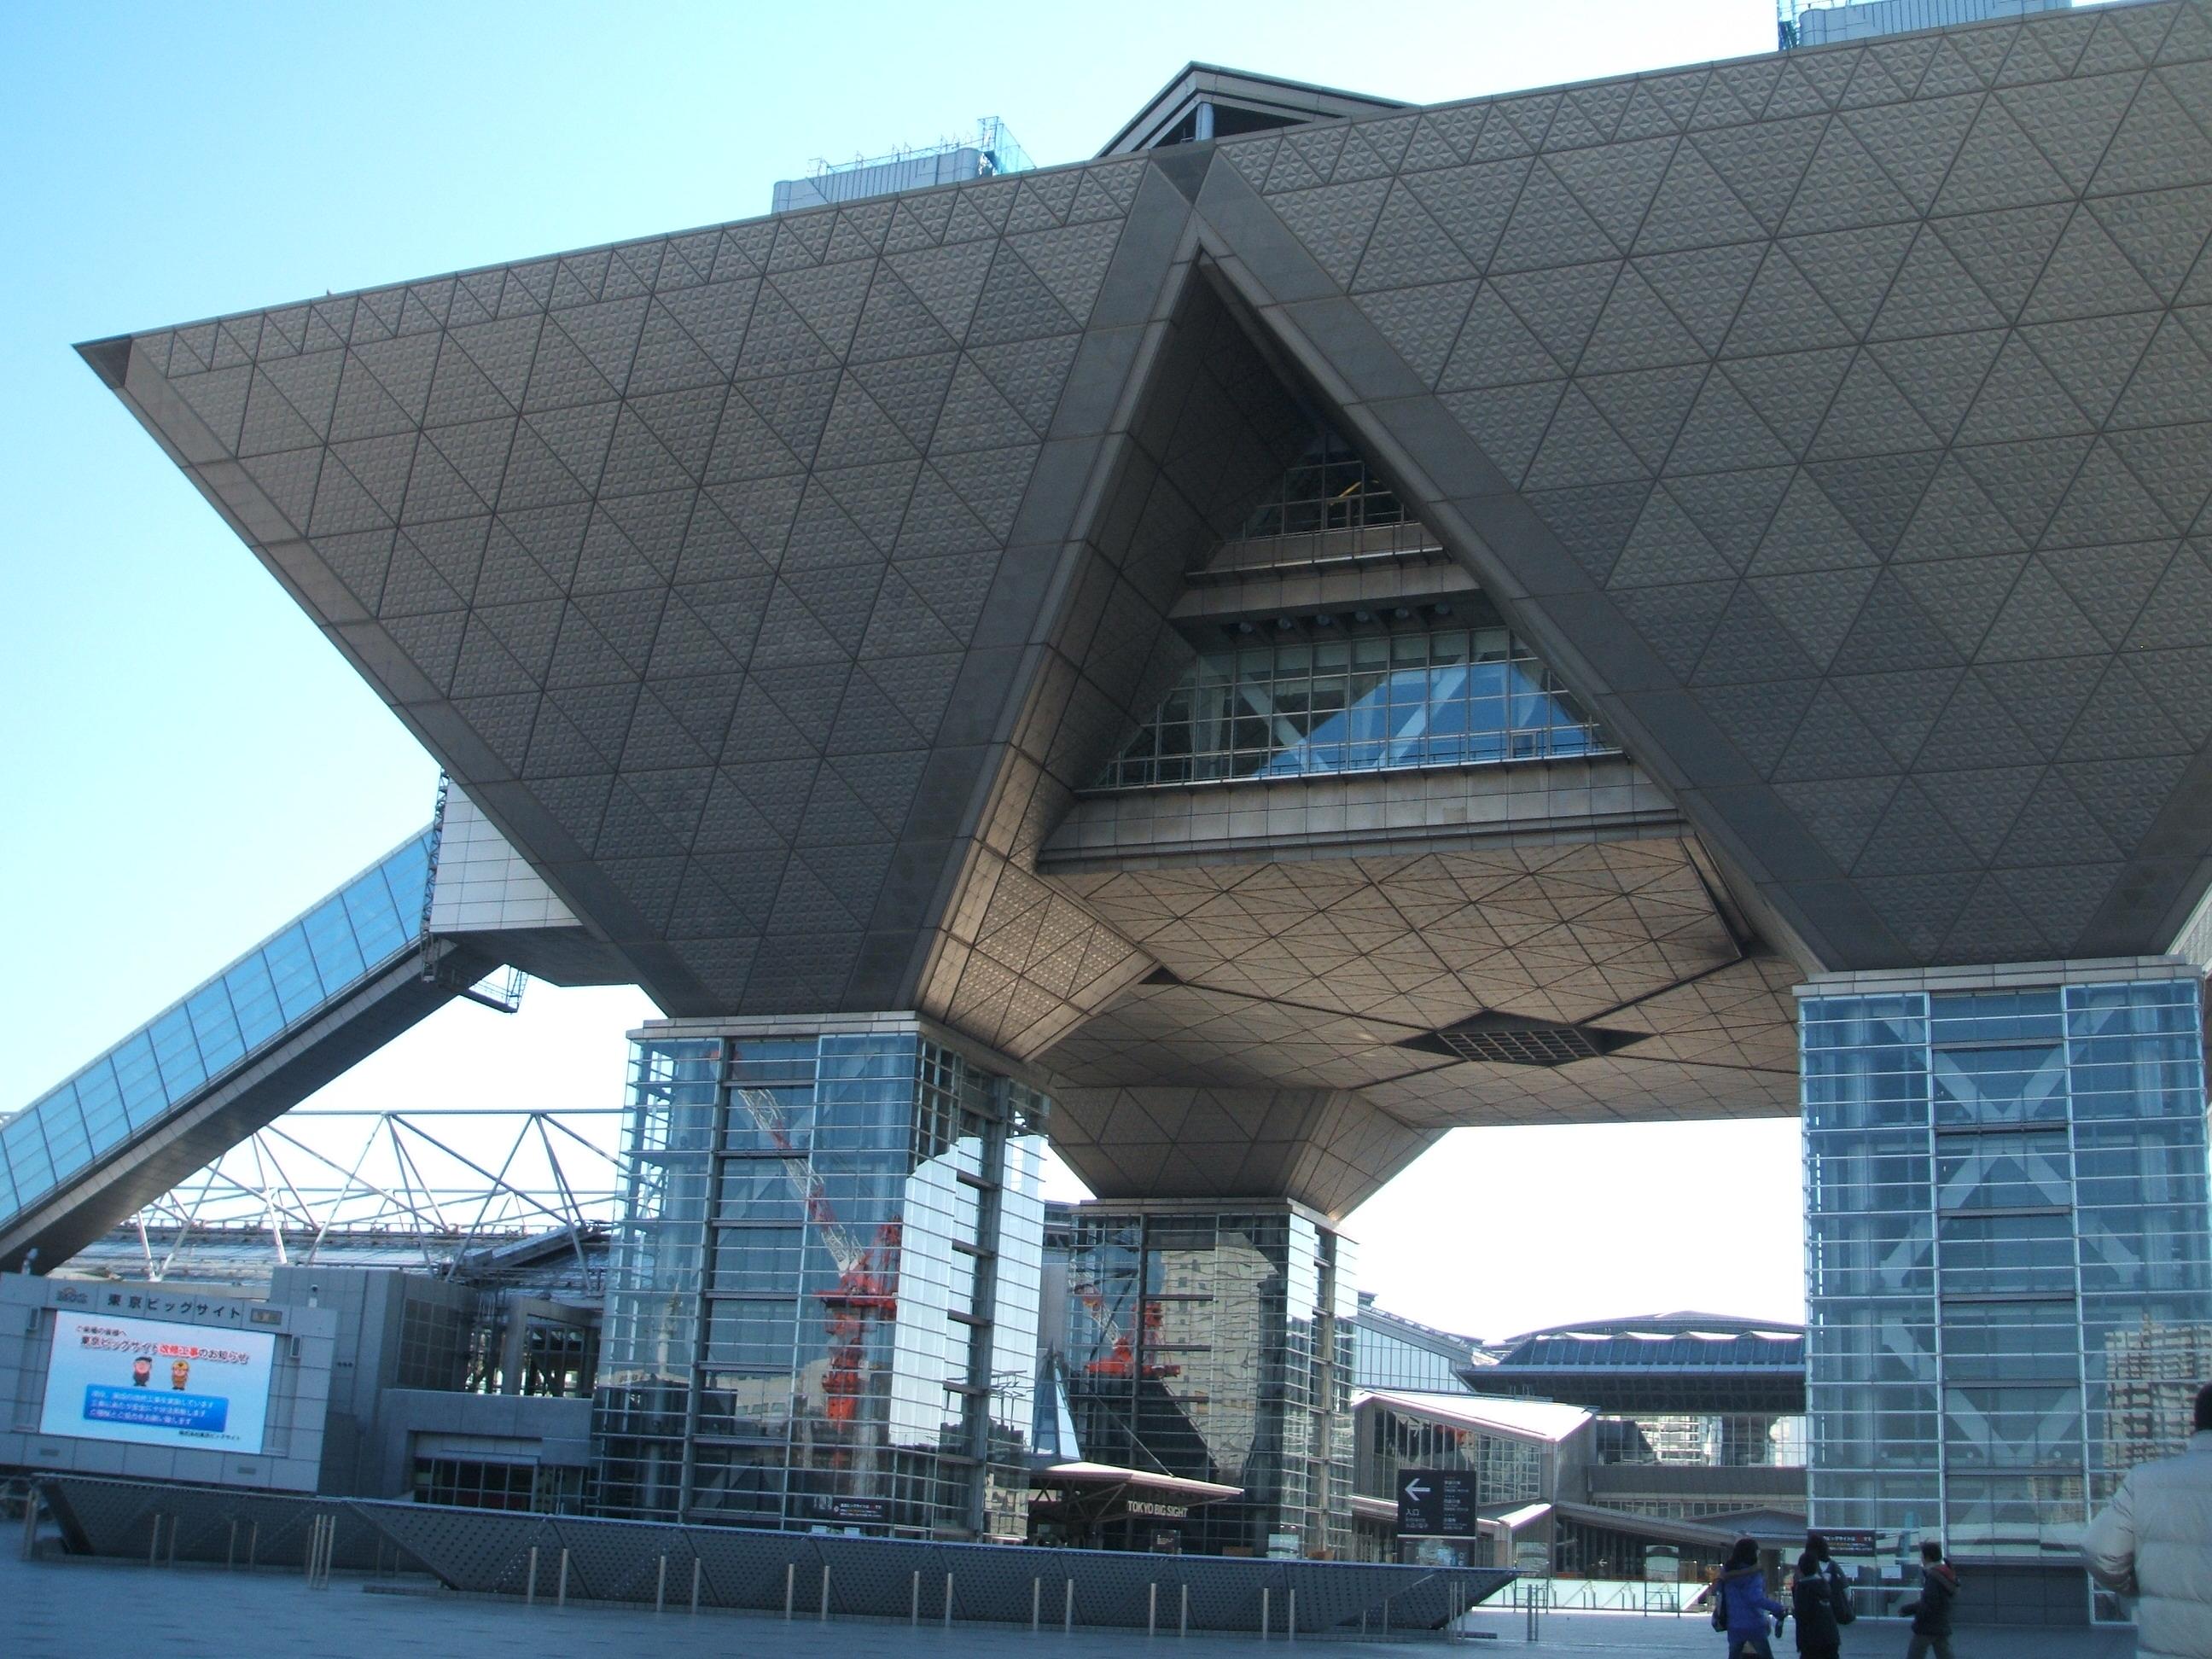 Tokyo Big Sight The Quot Tokyo Big Sight Quot Venue